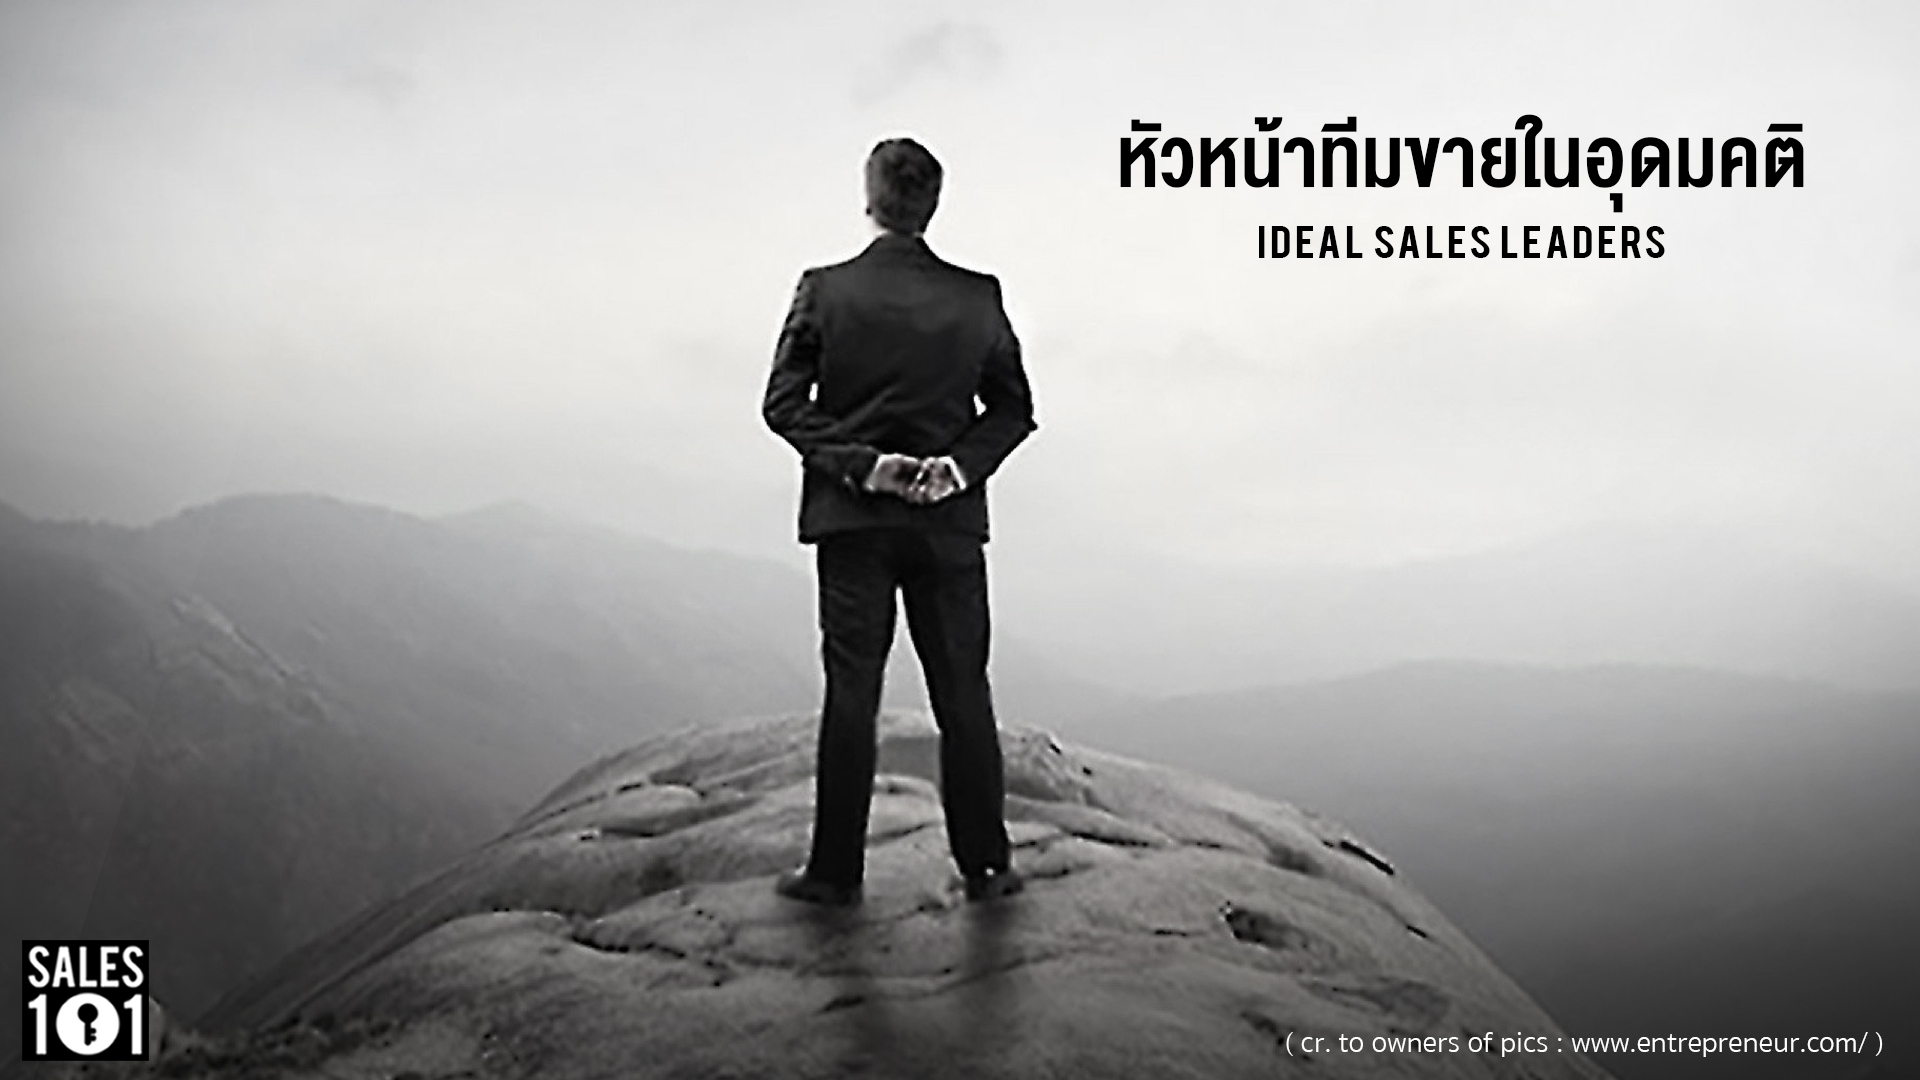 Ideal Sales Leaders